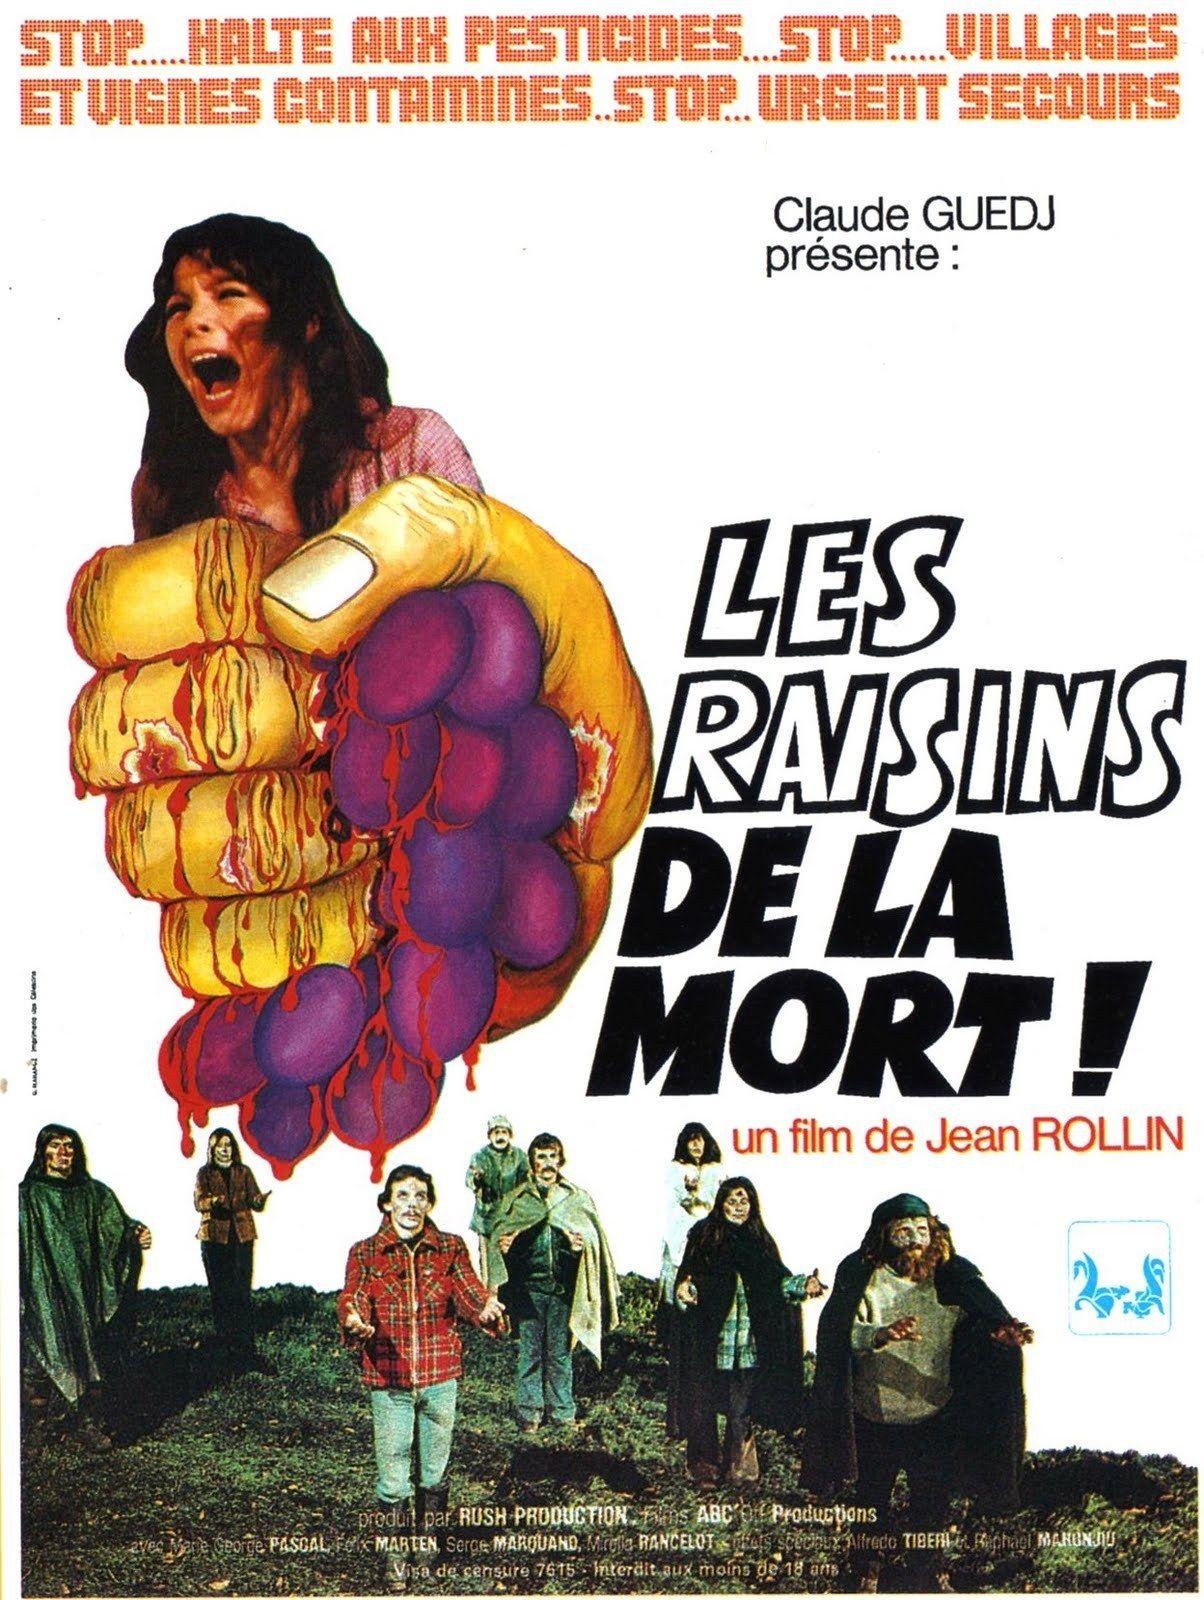 Votre dernier film visionné - Page 13 Les_Raisins_de_la_mort